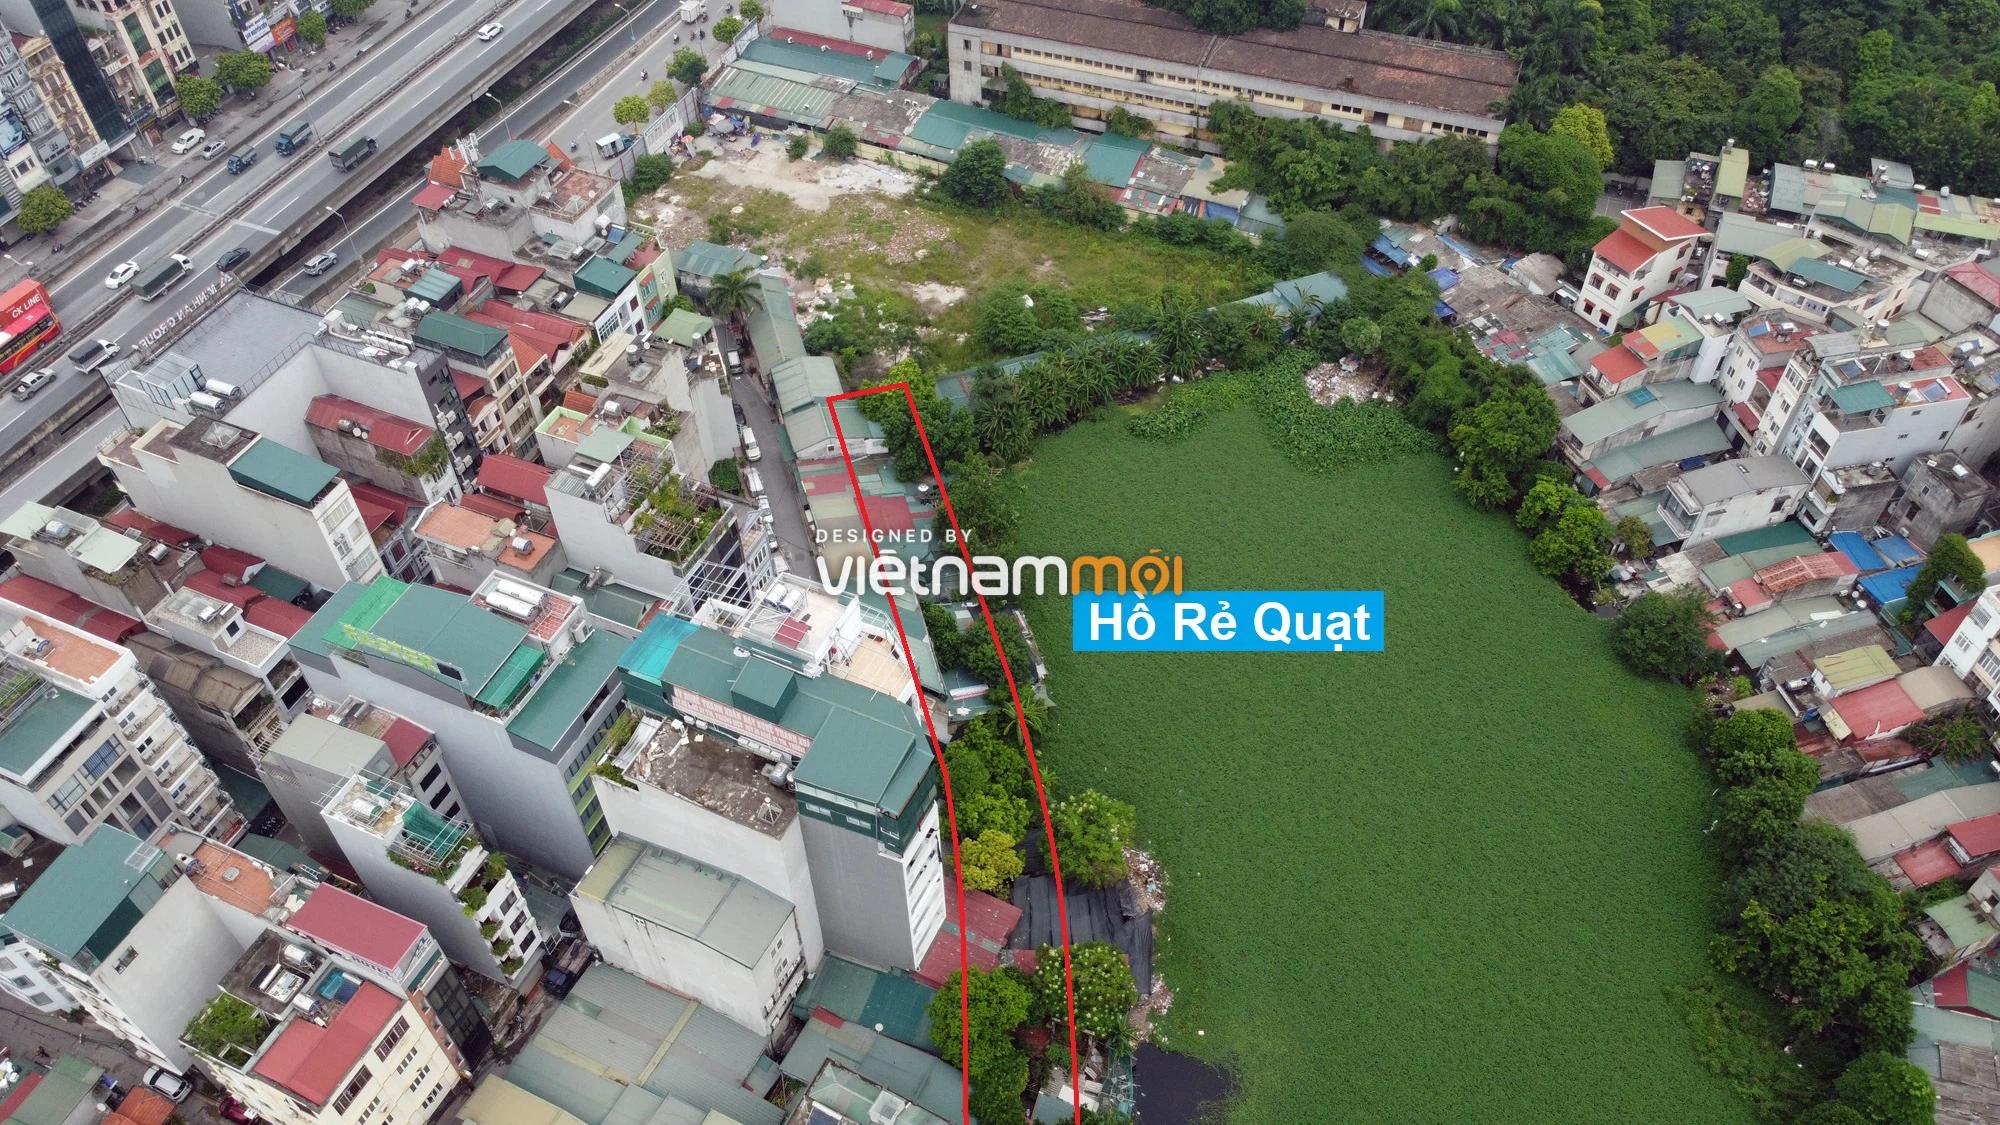 Những khu đất sắp thu hồi để mở đường ở quận Thanh Xuân, Hà Nội (phần 1) - Ảnh 18.